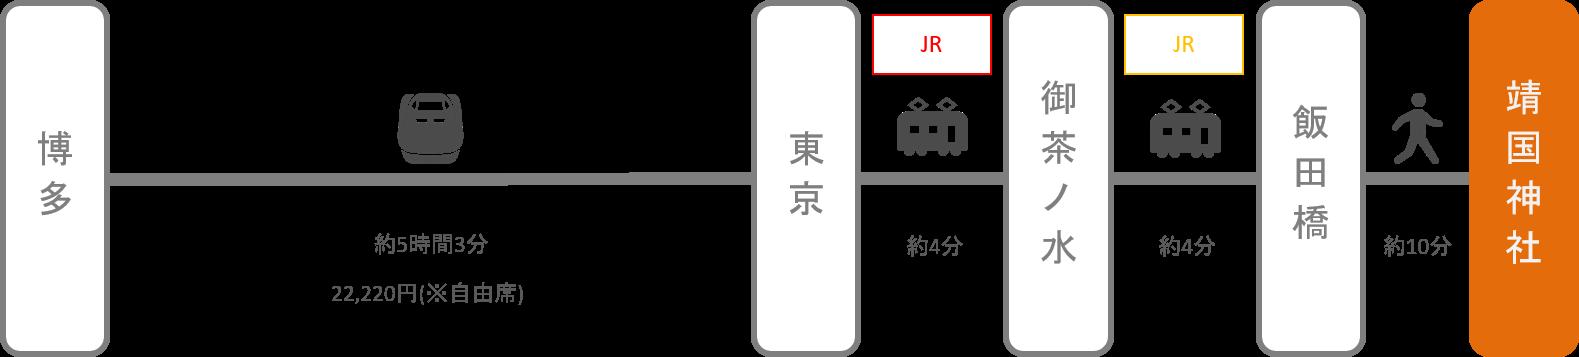 靖国神社_博多(福岡)_新幹線